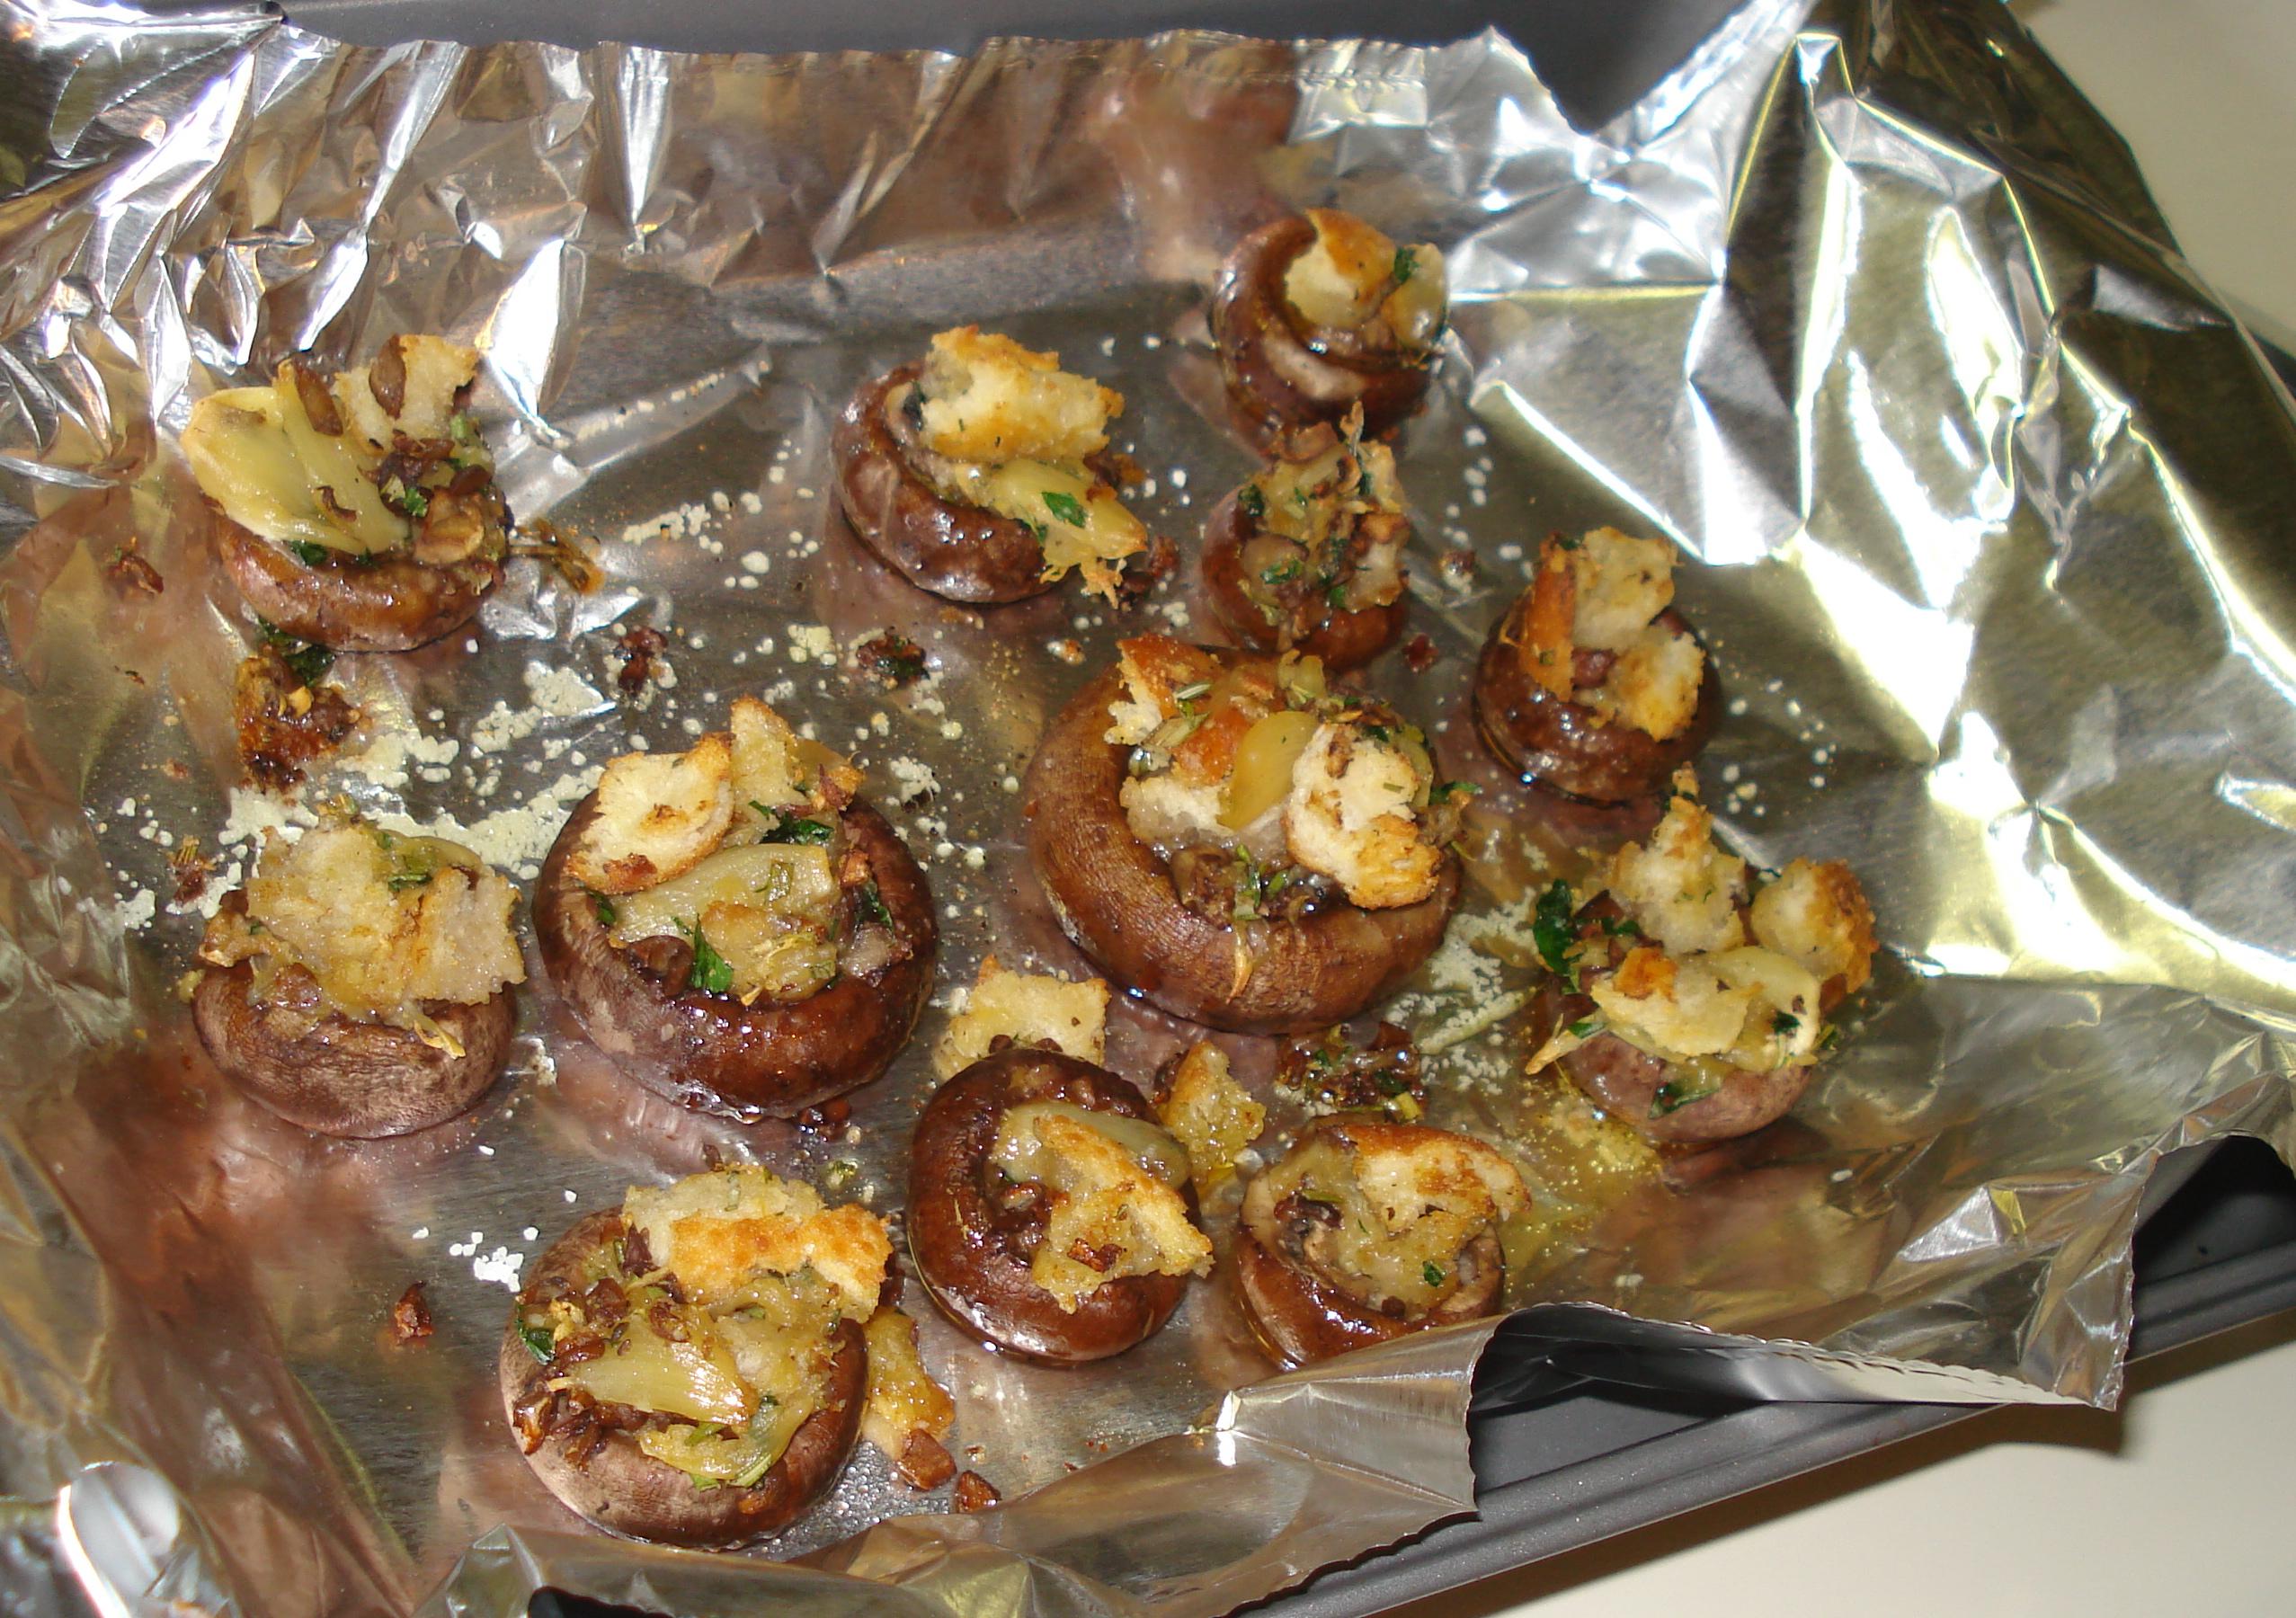 Mm, hot juicy mushrooms.